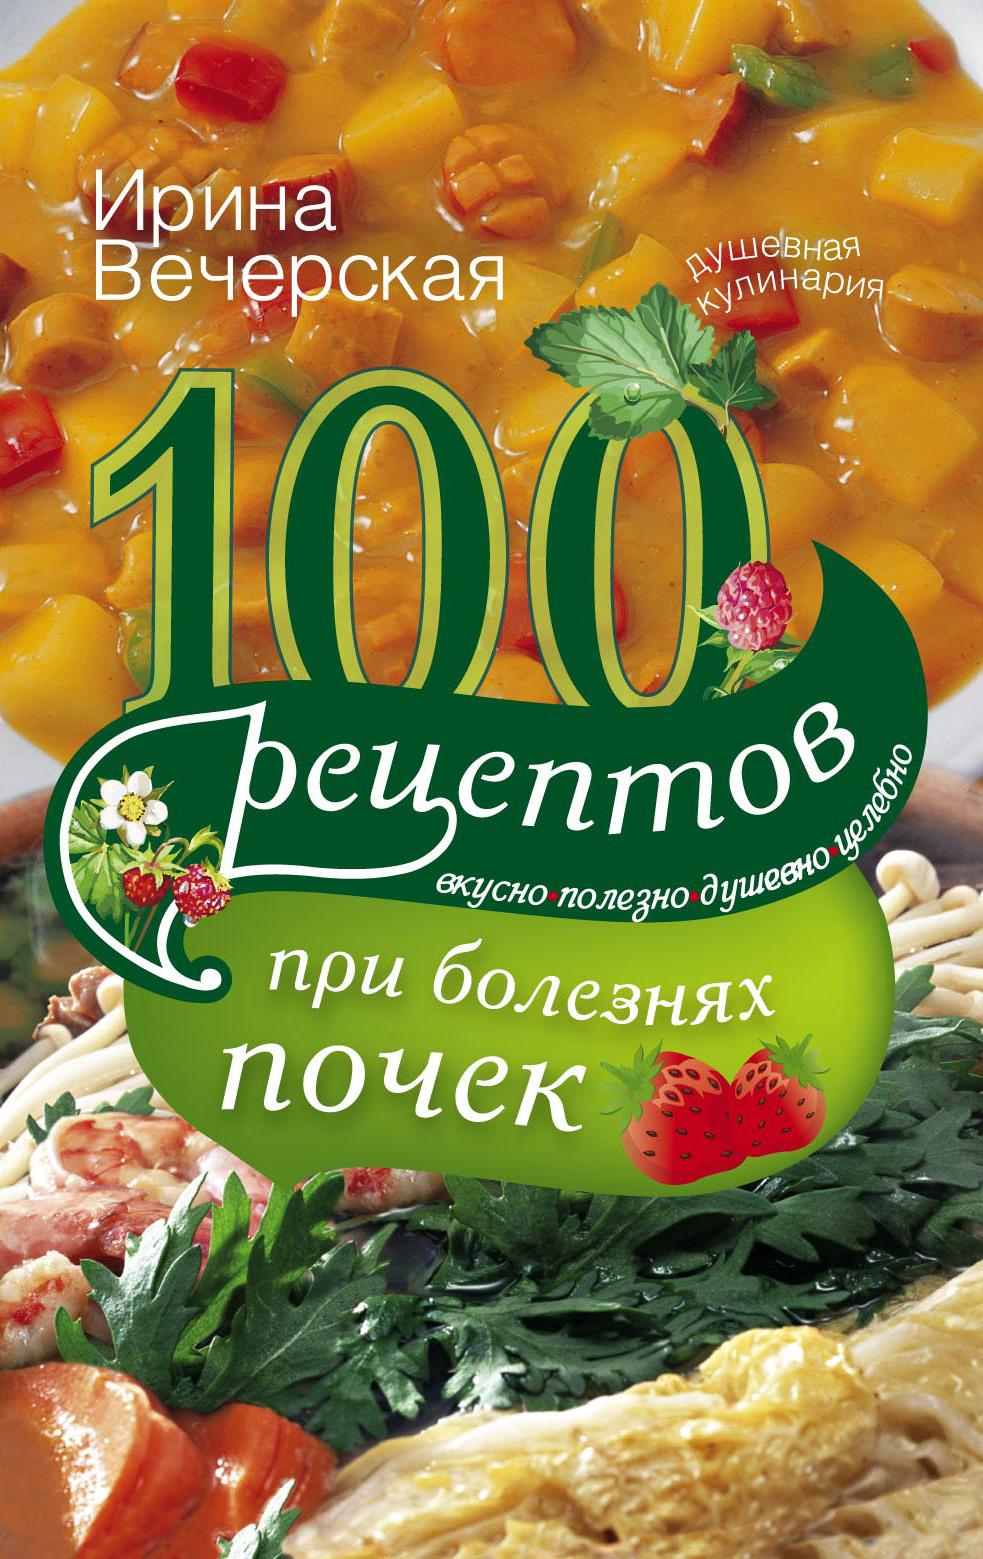 100рецептов при болезнях почек. Вкусно, полезно, душевно, целебно